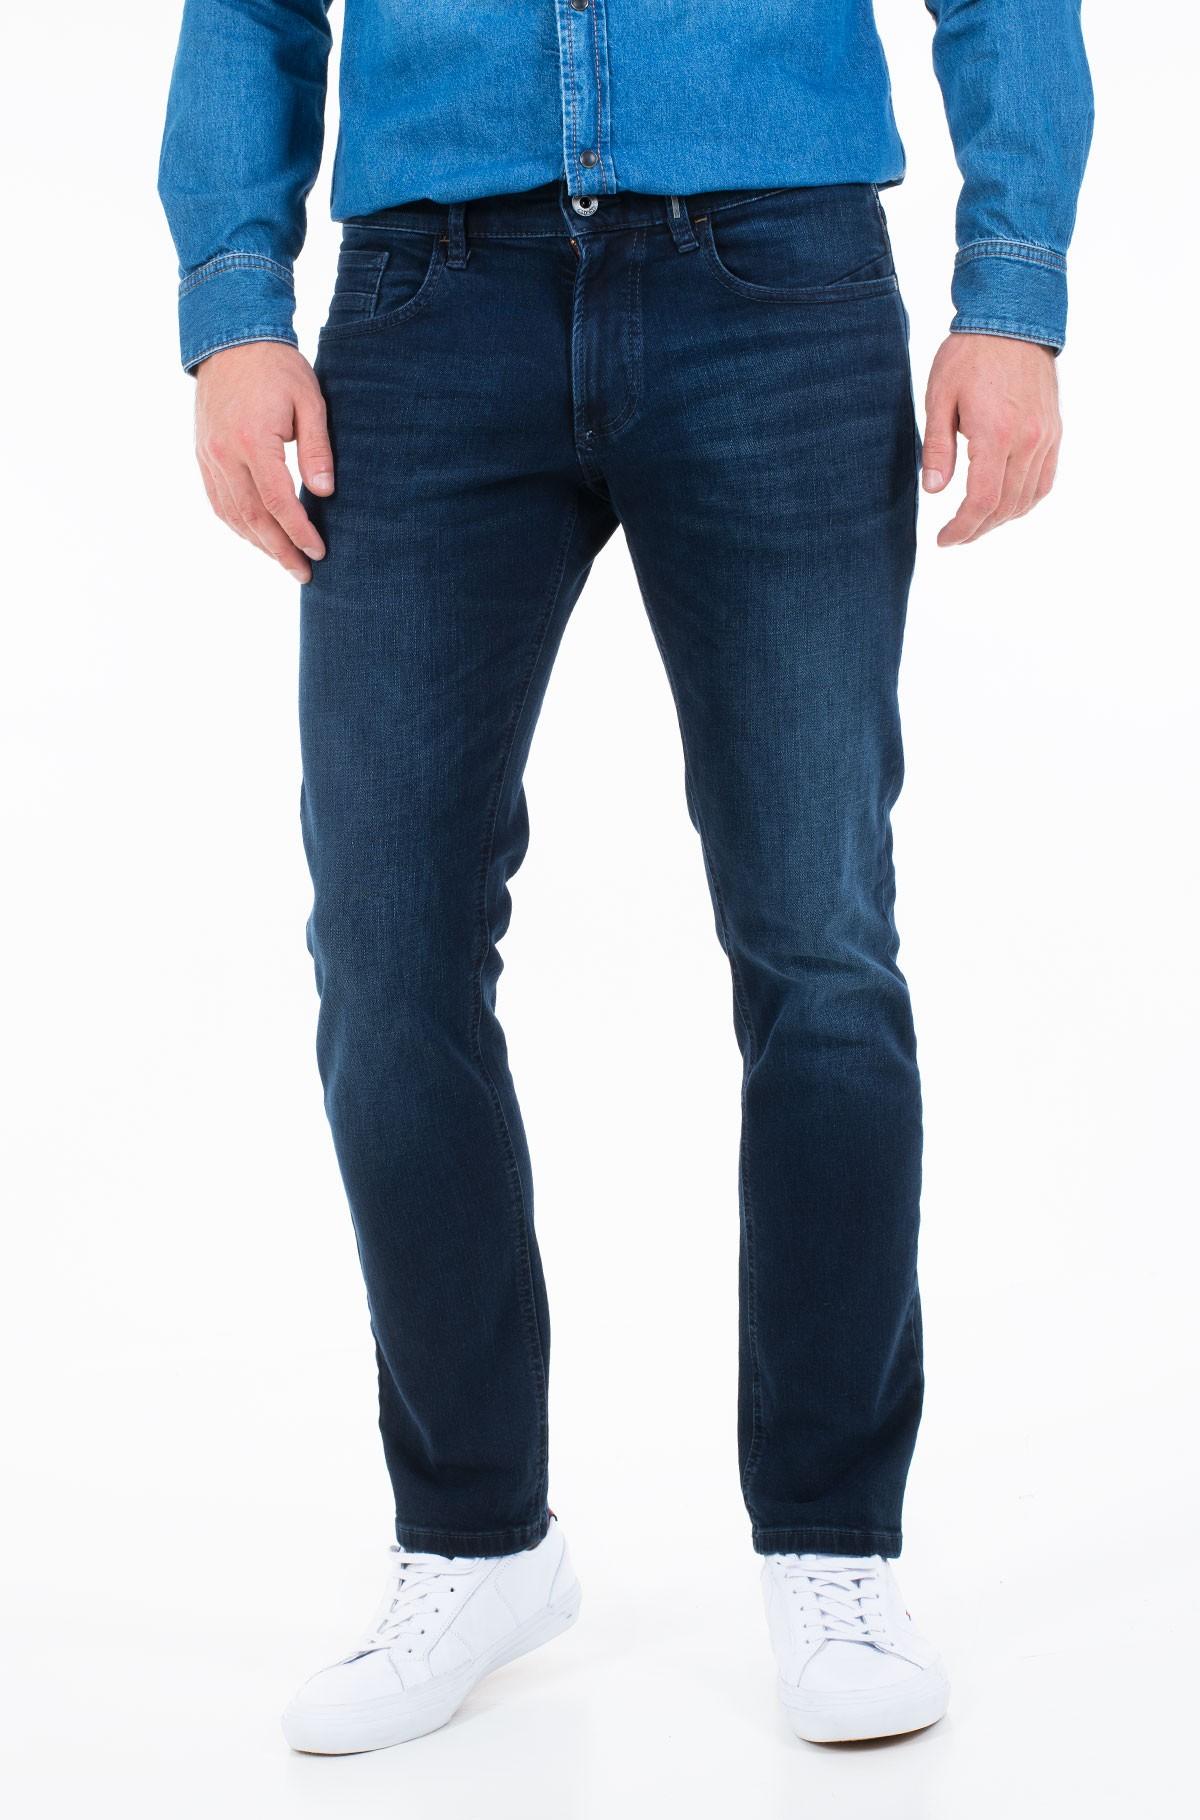 Jeans 488515/9554-full-1